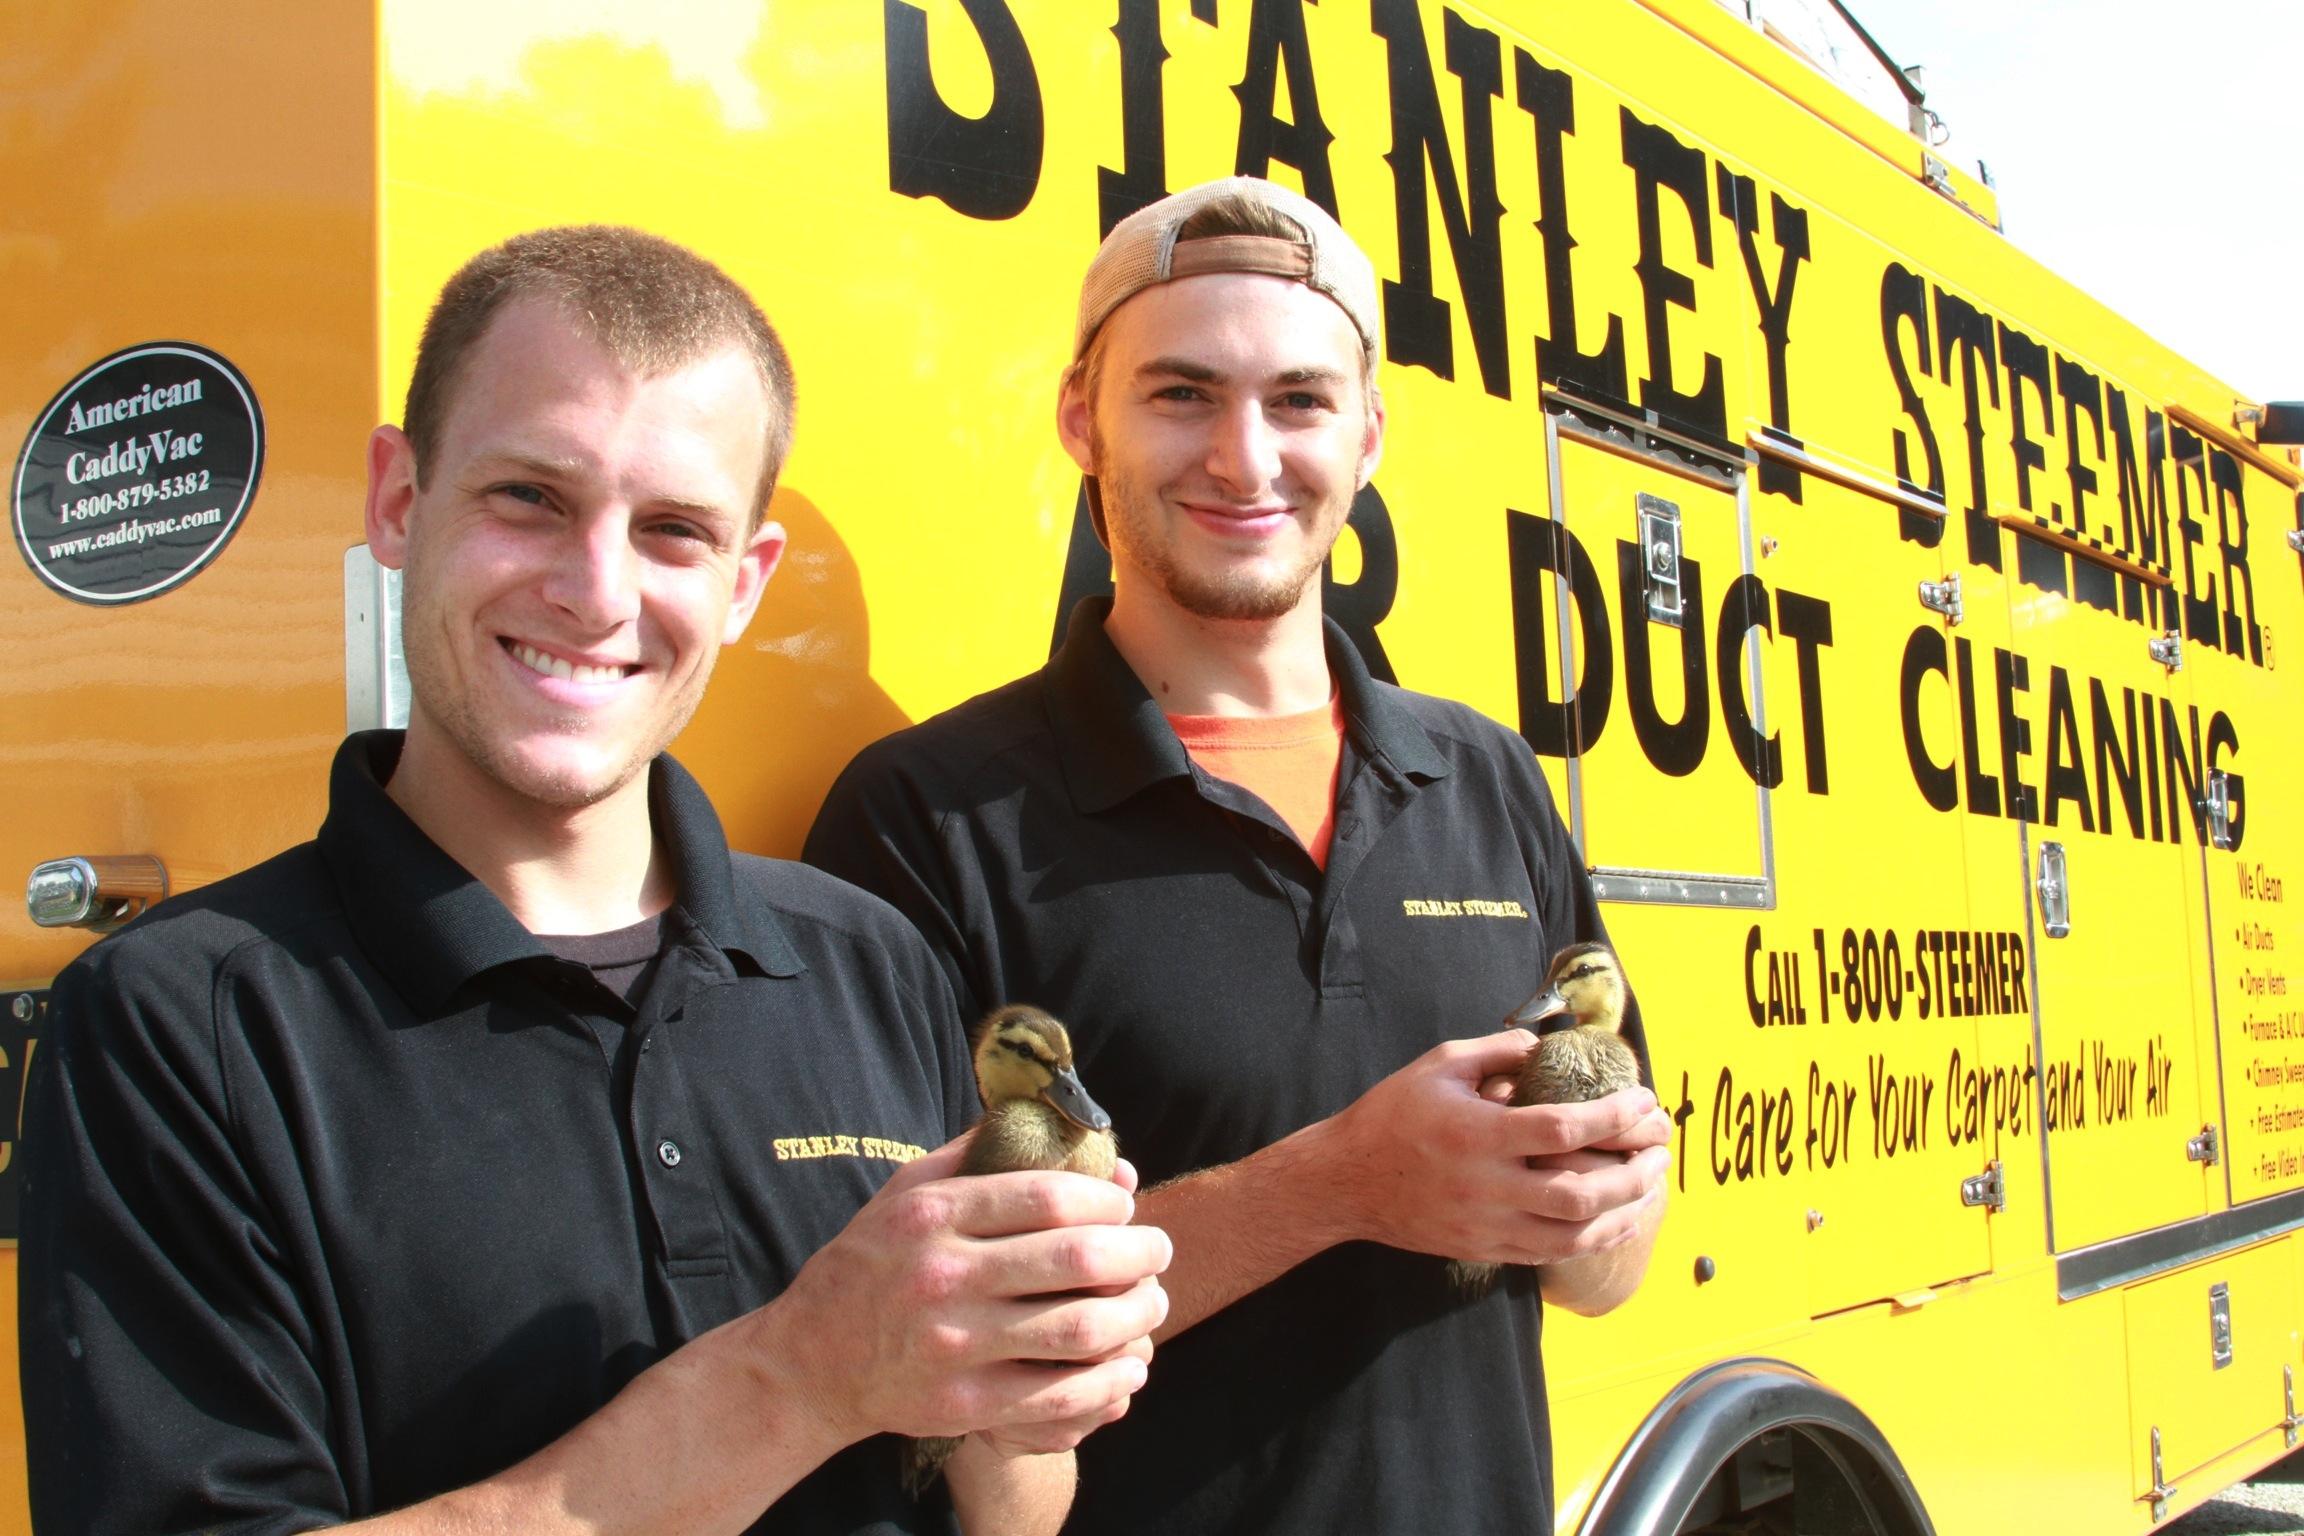 Meet Eric Farrell Operations Manager Stanley Steemer